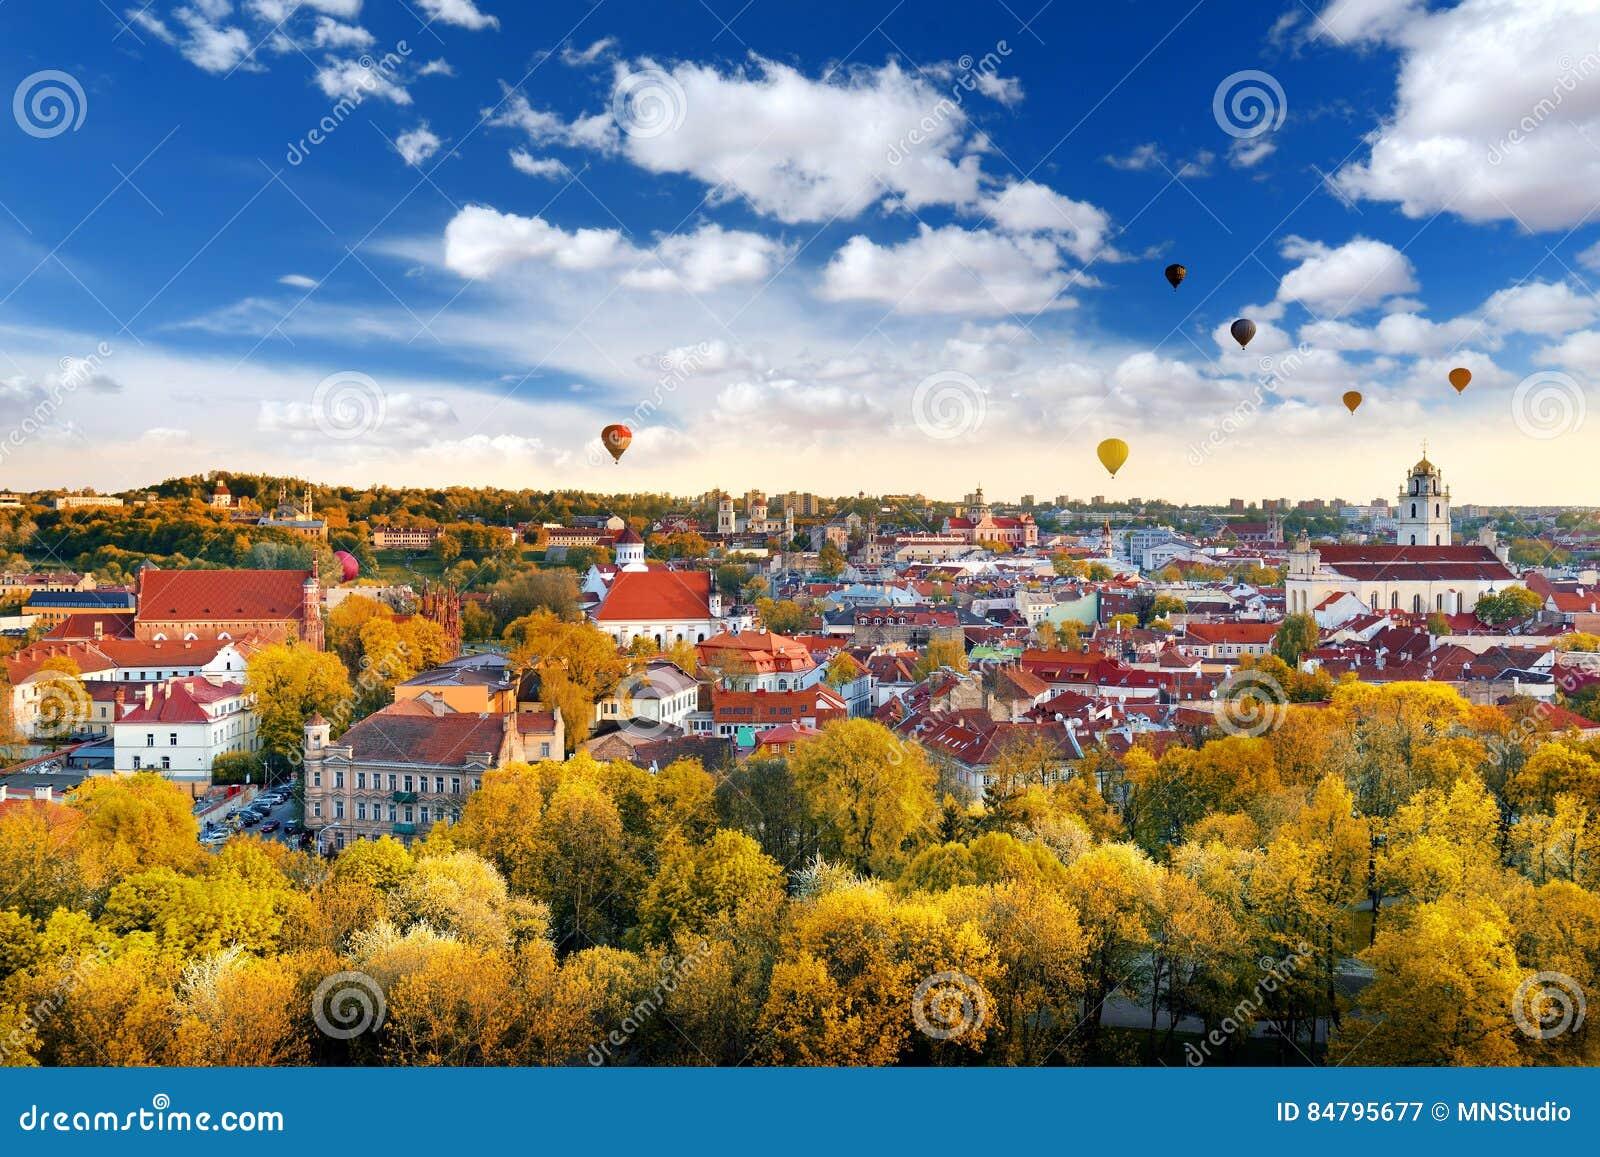 Schönes Herbstpanorama alter Stadt Vilnius mit bunter Heißluft steigt im Himmel im Ballon auf